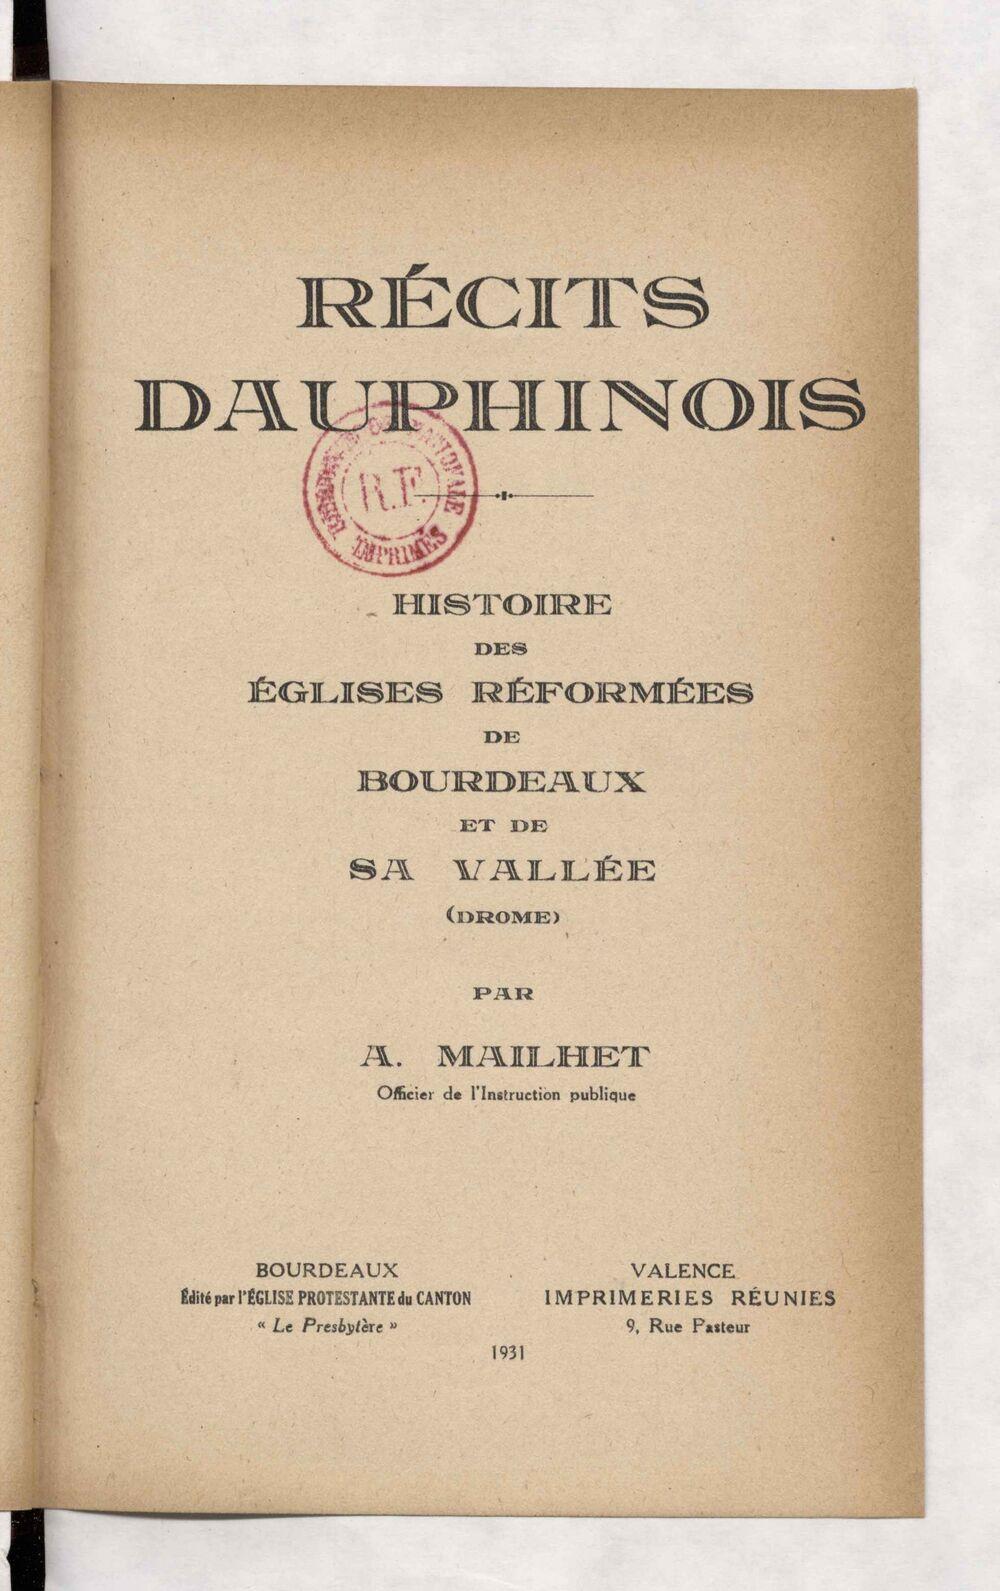 Récits dauphinois : histoire des églises réformées de Bourdeaux et de sa vallée (Drôme) / par A. Mailhet,...